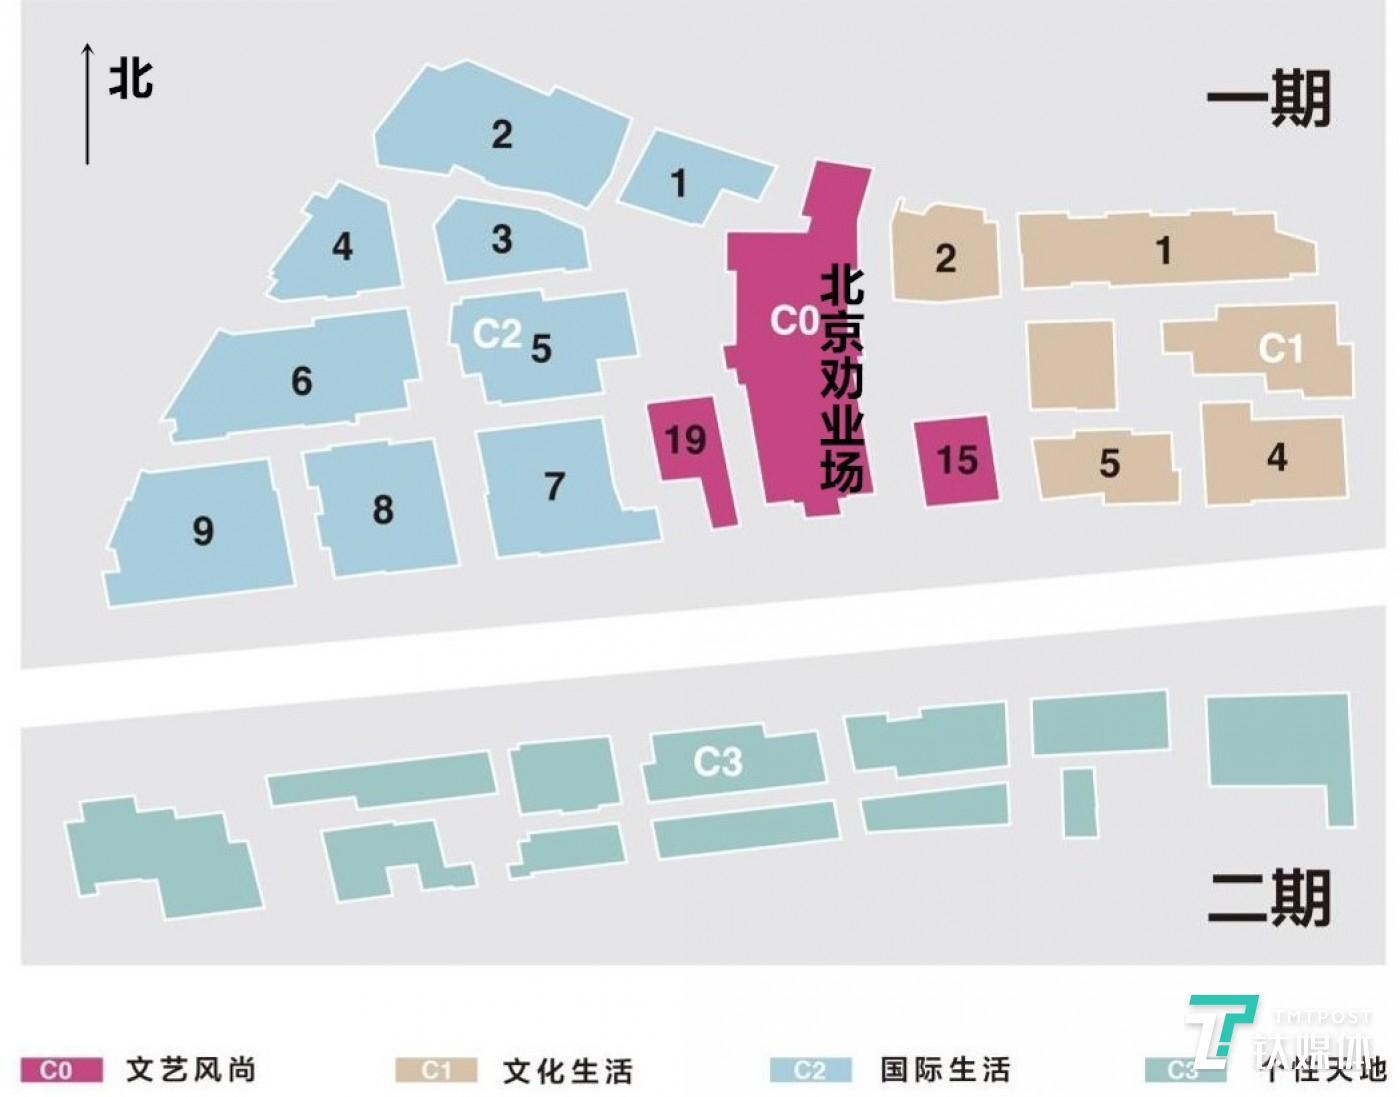 北京坊主题规划布局